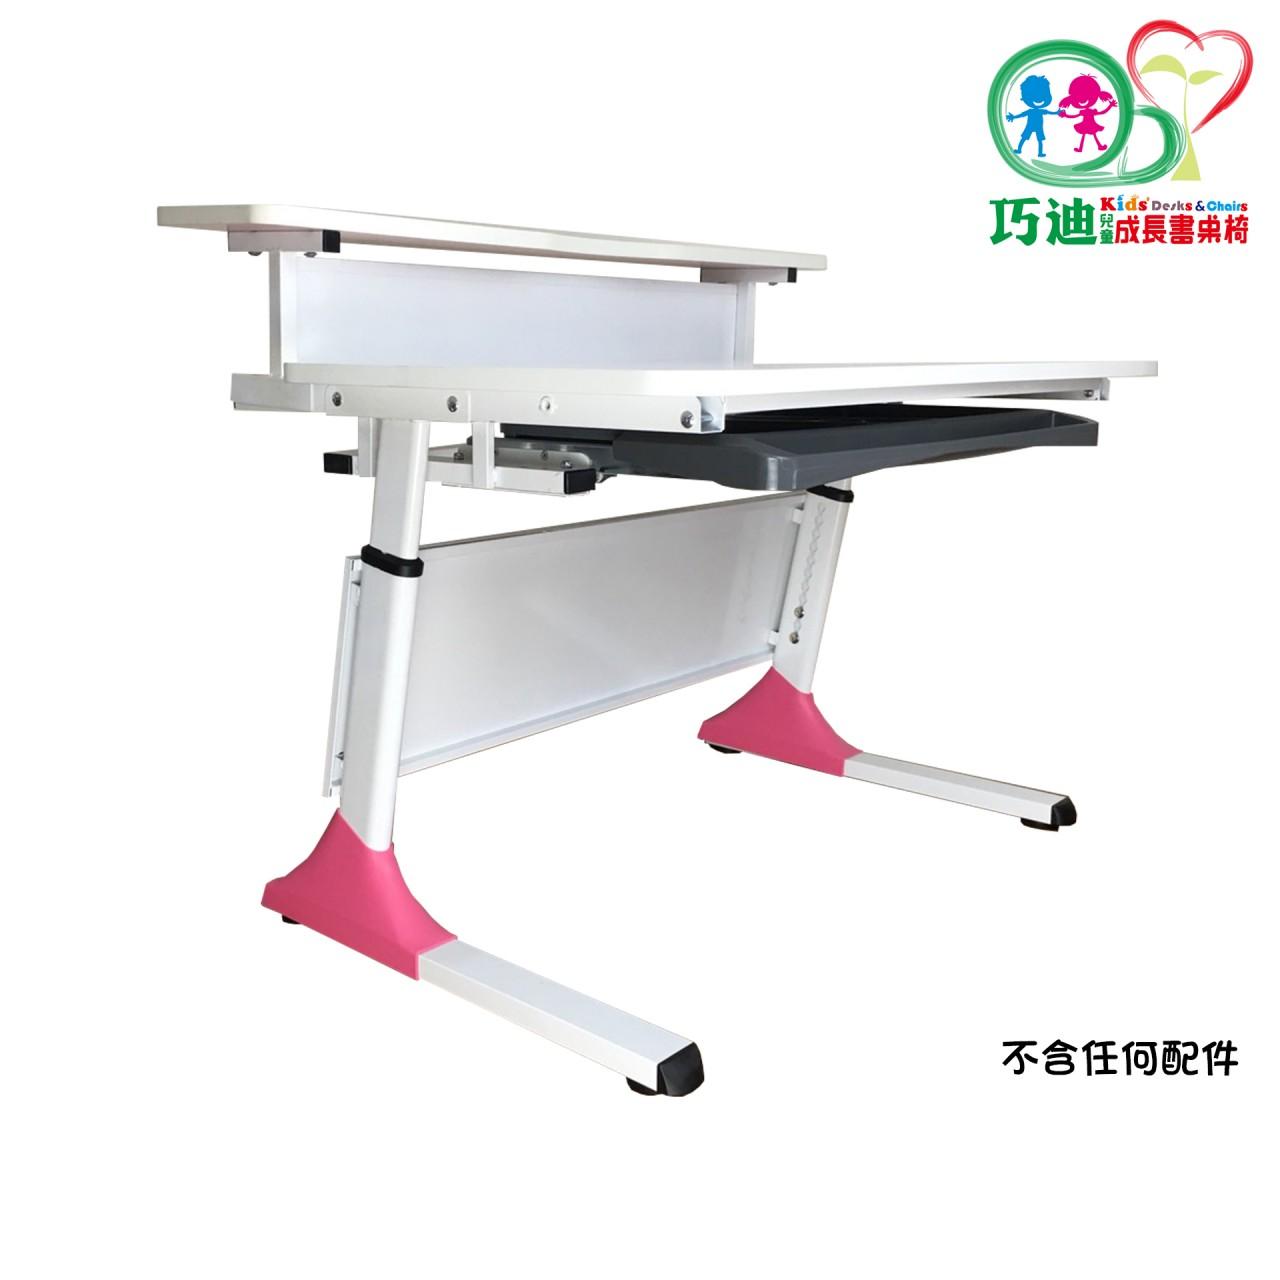 【最適合國高中青少年乘坐電腦桌款式1】GS7機械升降桌